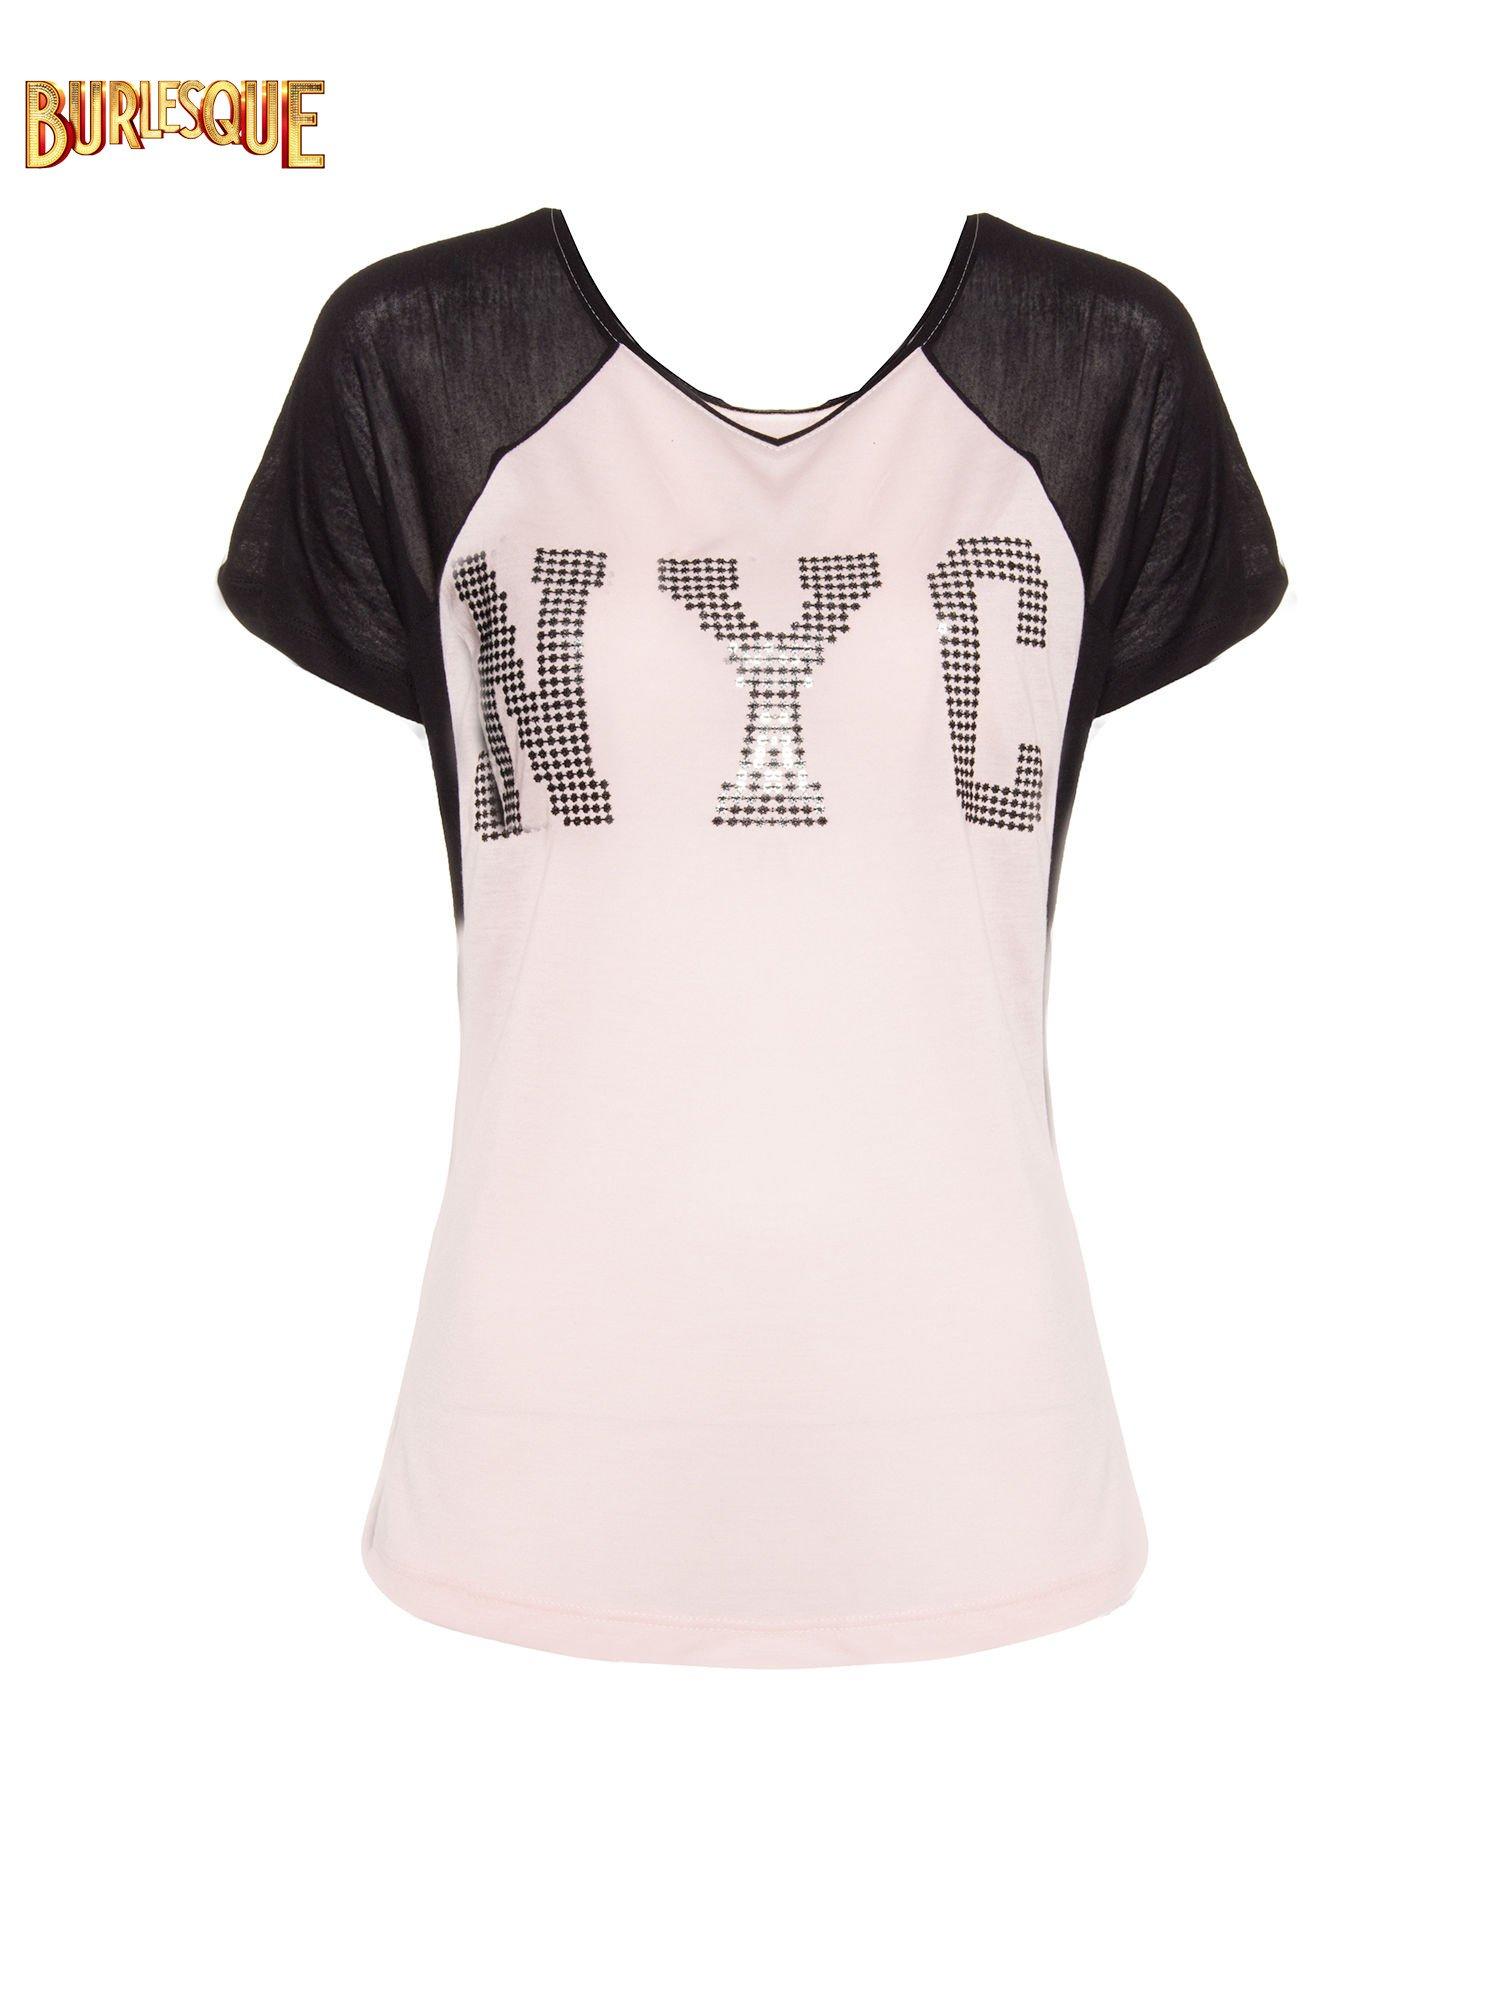 Jasnoróżowy t-shirt z błyszczącym nadrukiem NYC                                  zdj.                                  1